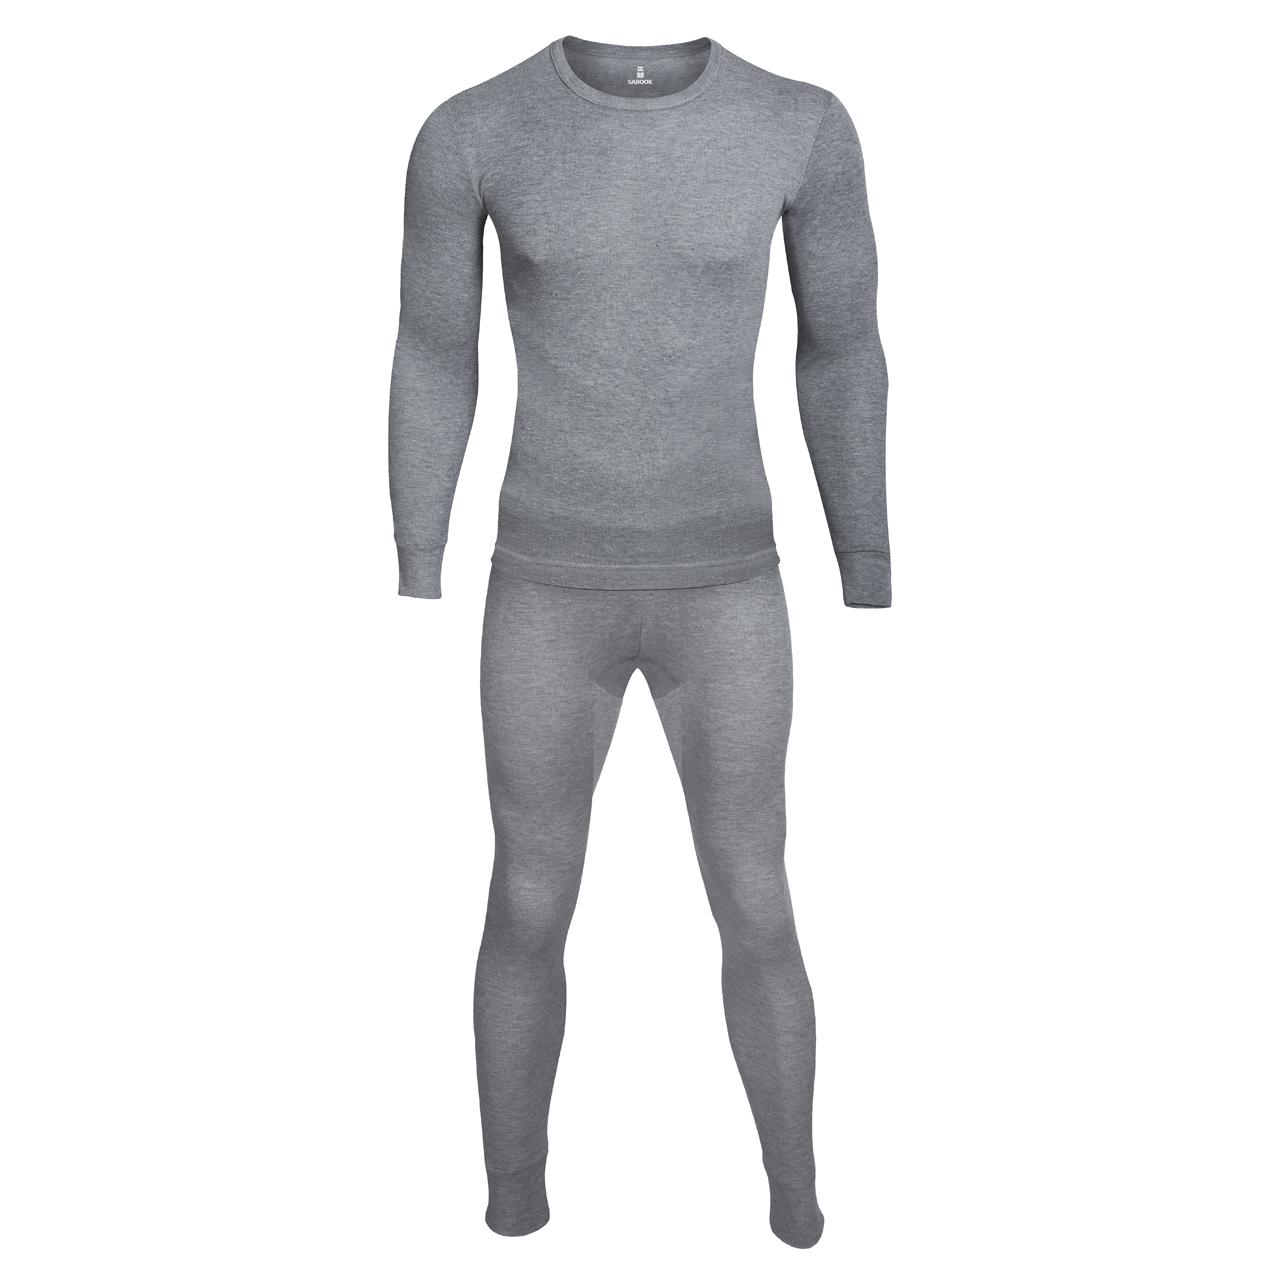 ست بلوز و شلوار مردانه ساروک مدل C رنگ ملانژ سیر